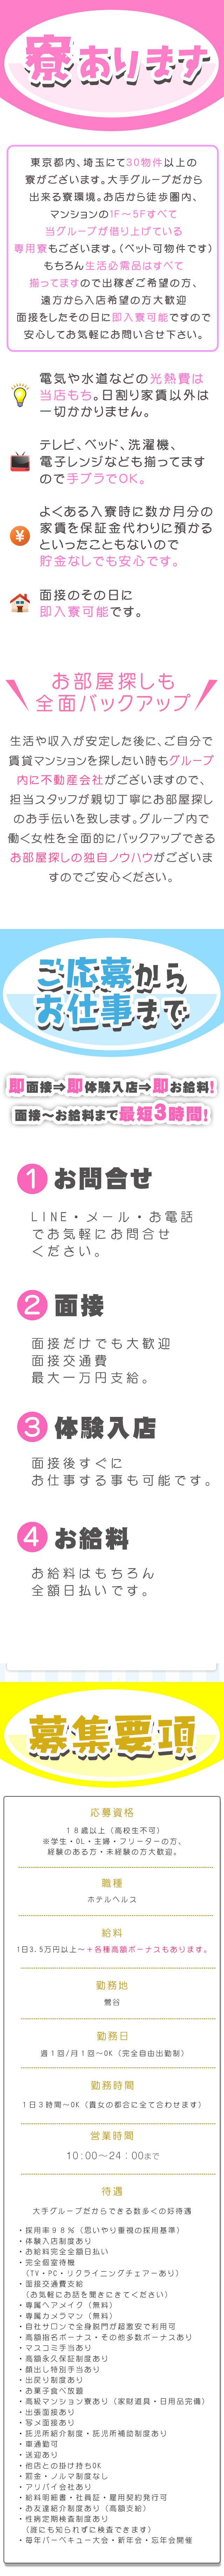 鶯谷ぽちゃ_003